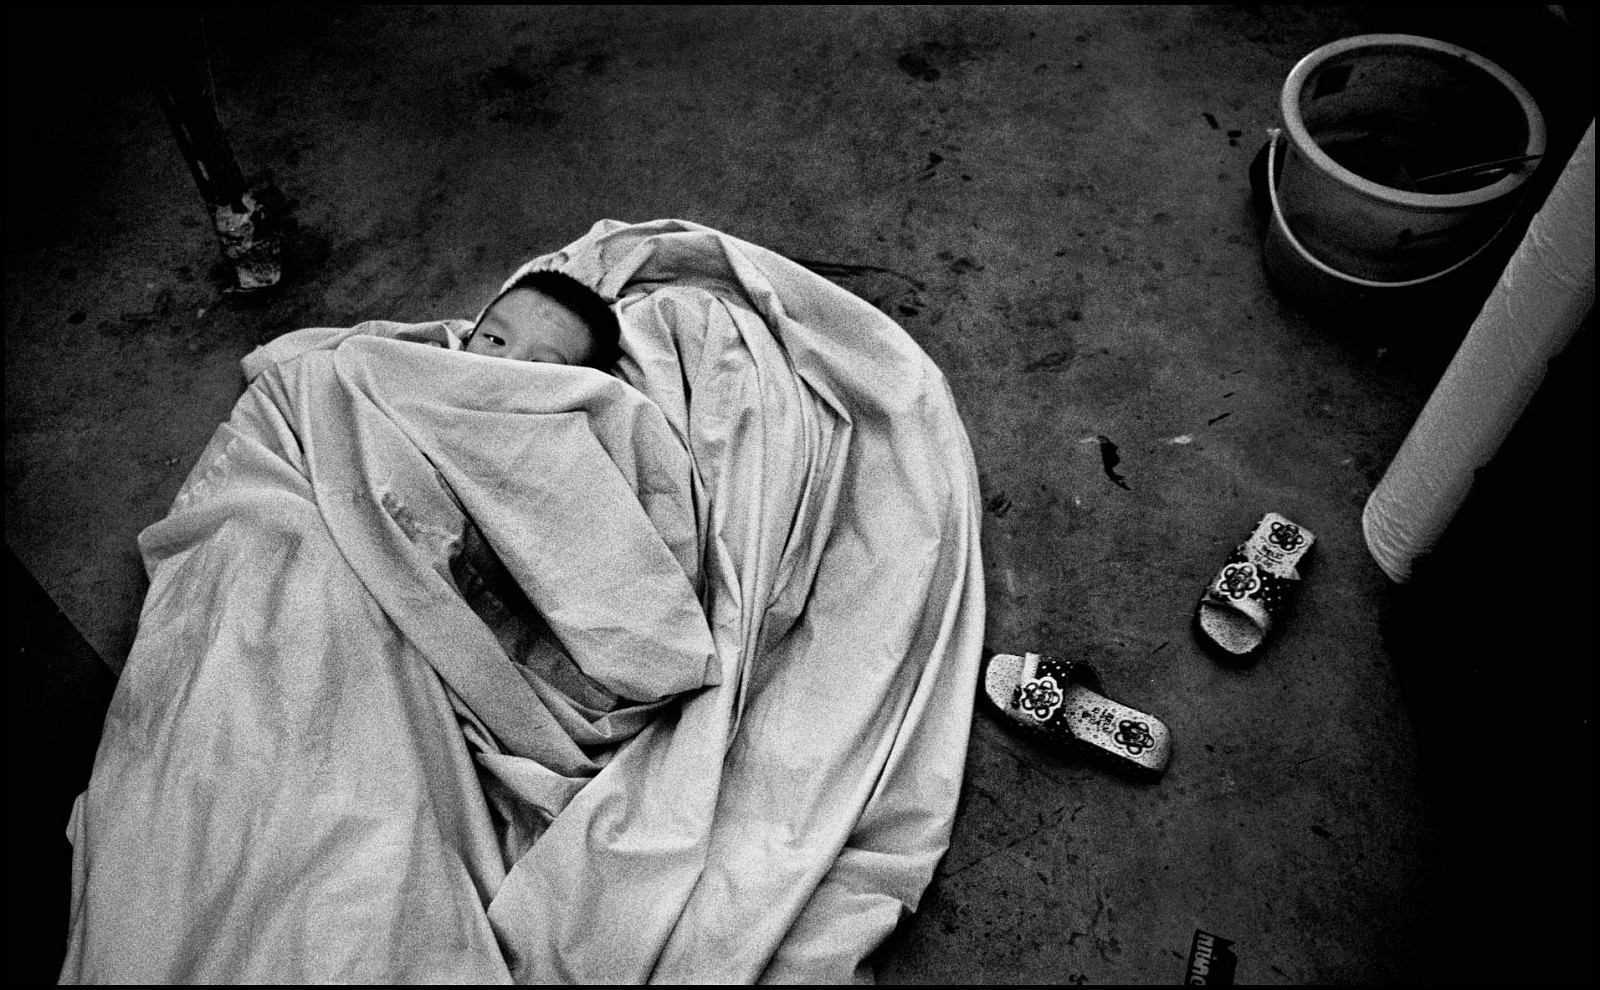 Ребёнок с вирусом иммунодефицита в Бангкоке, Таиланд, 2005. Джефф Уайденер